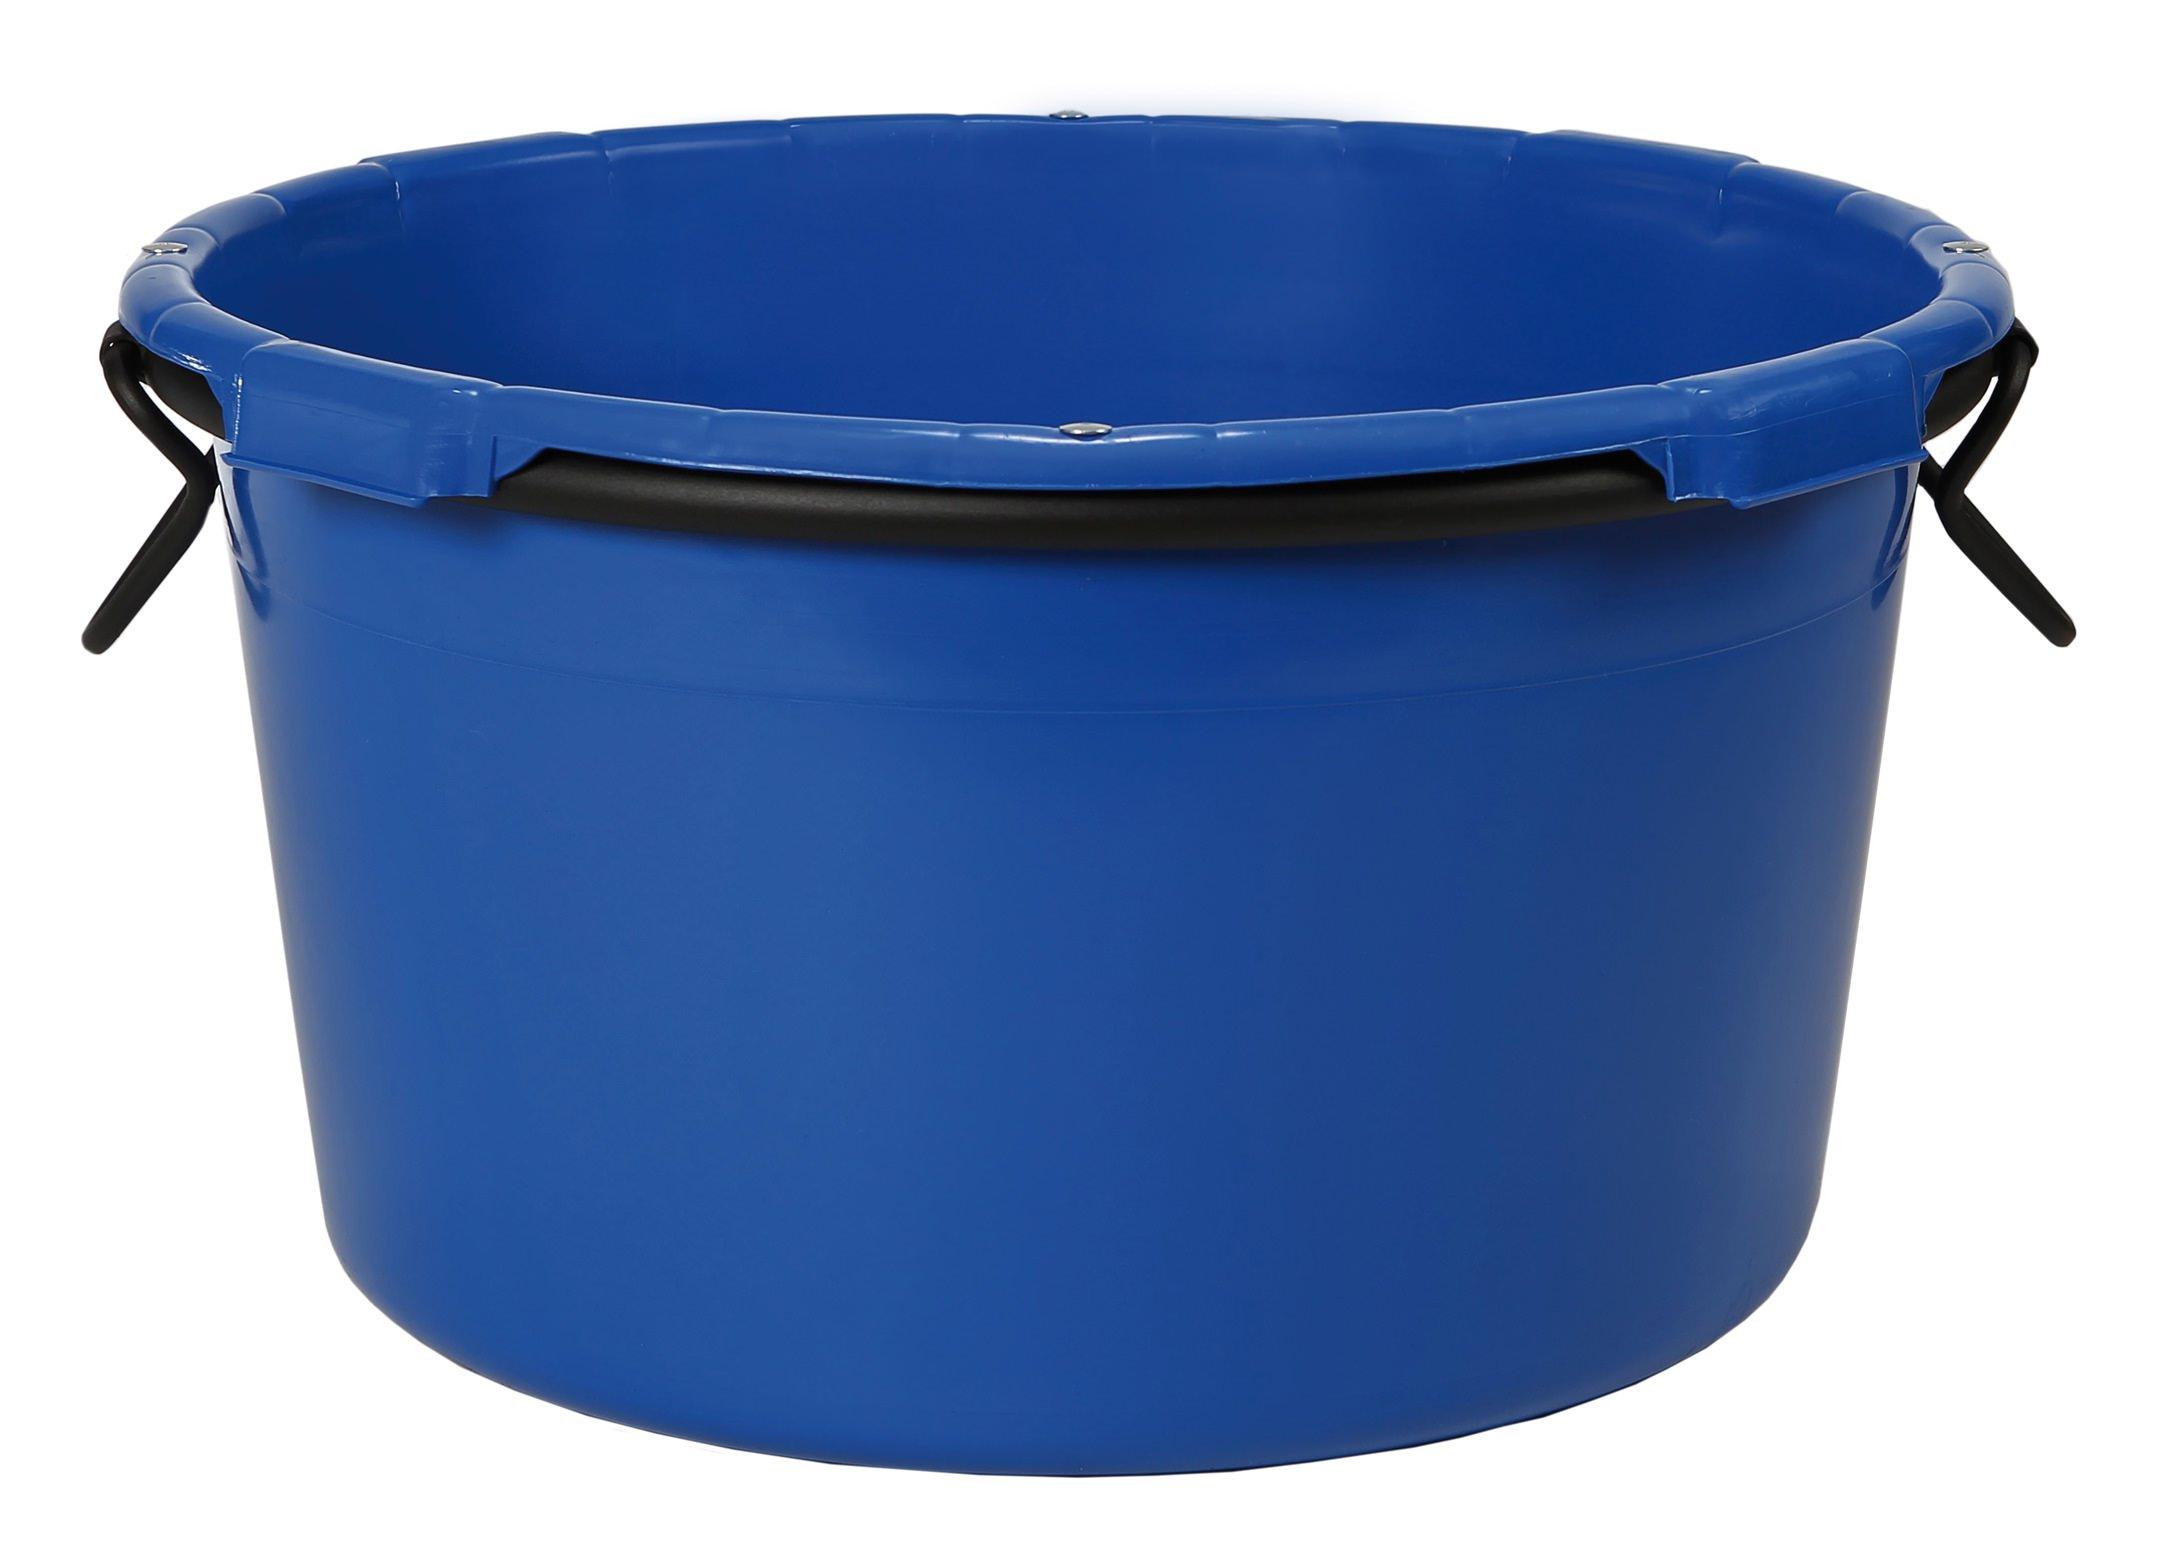 Mörtelkübel Inhalt 90l kranbar blau